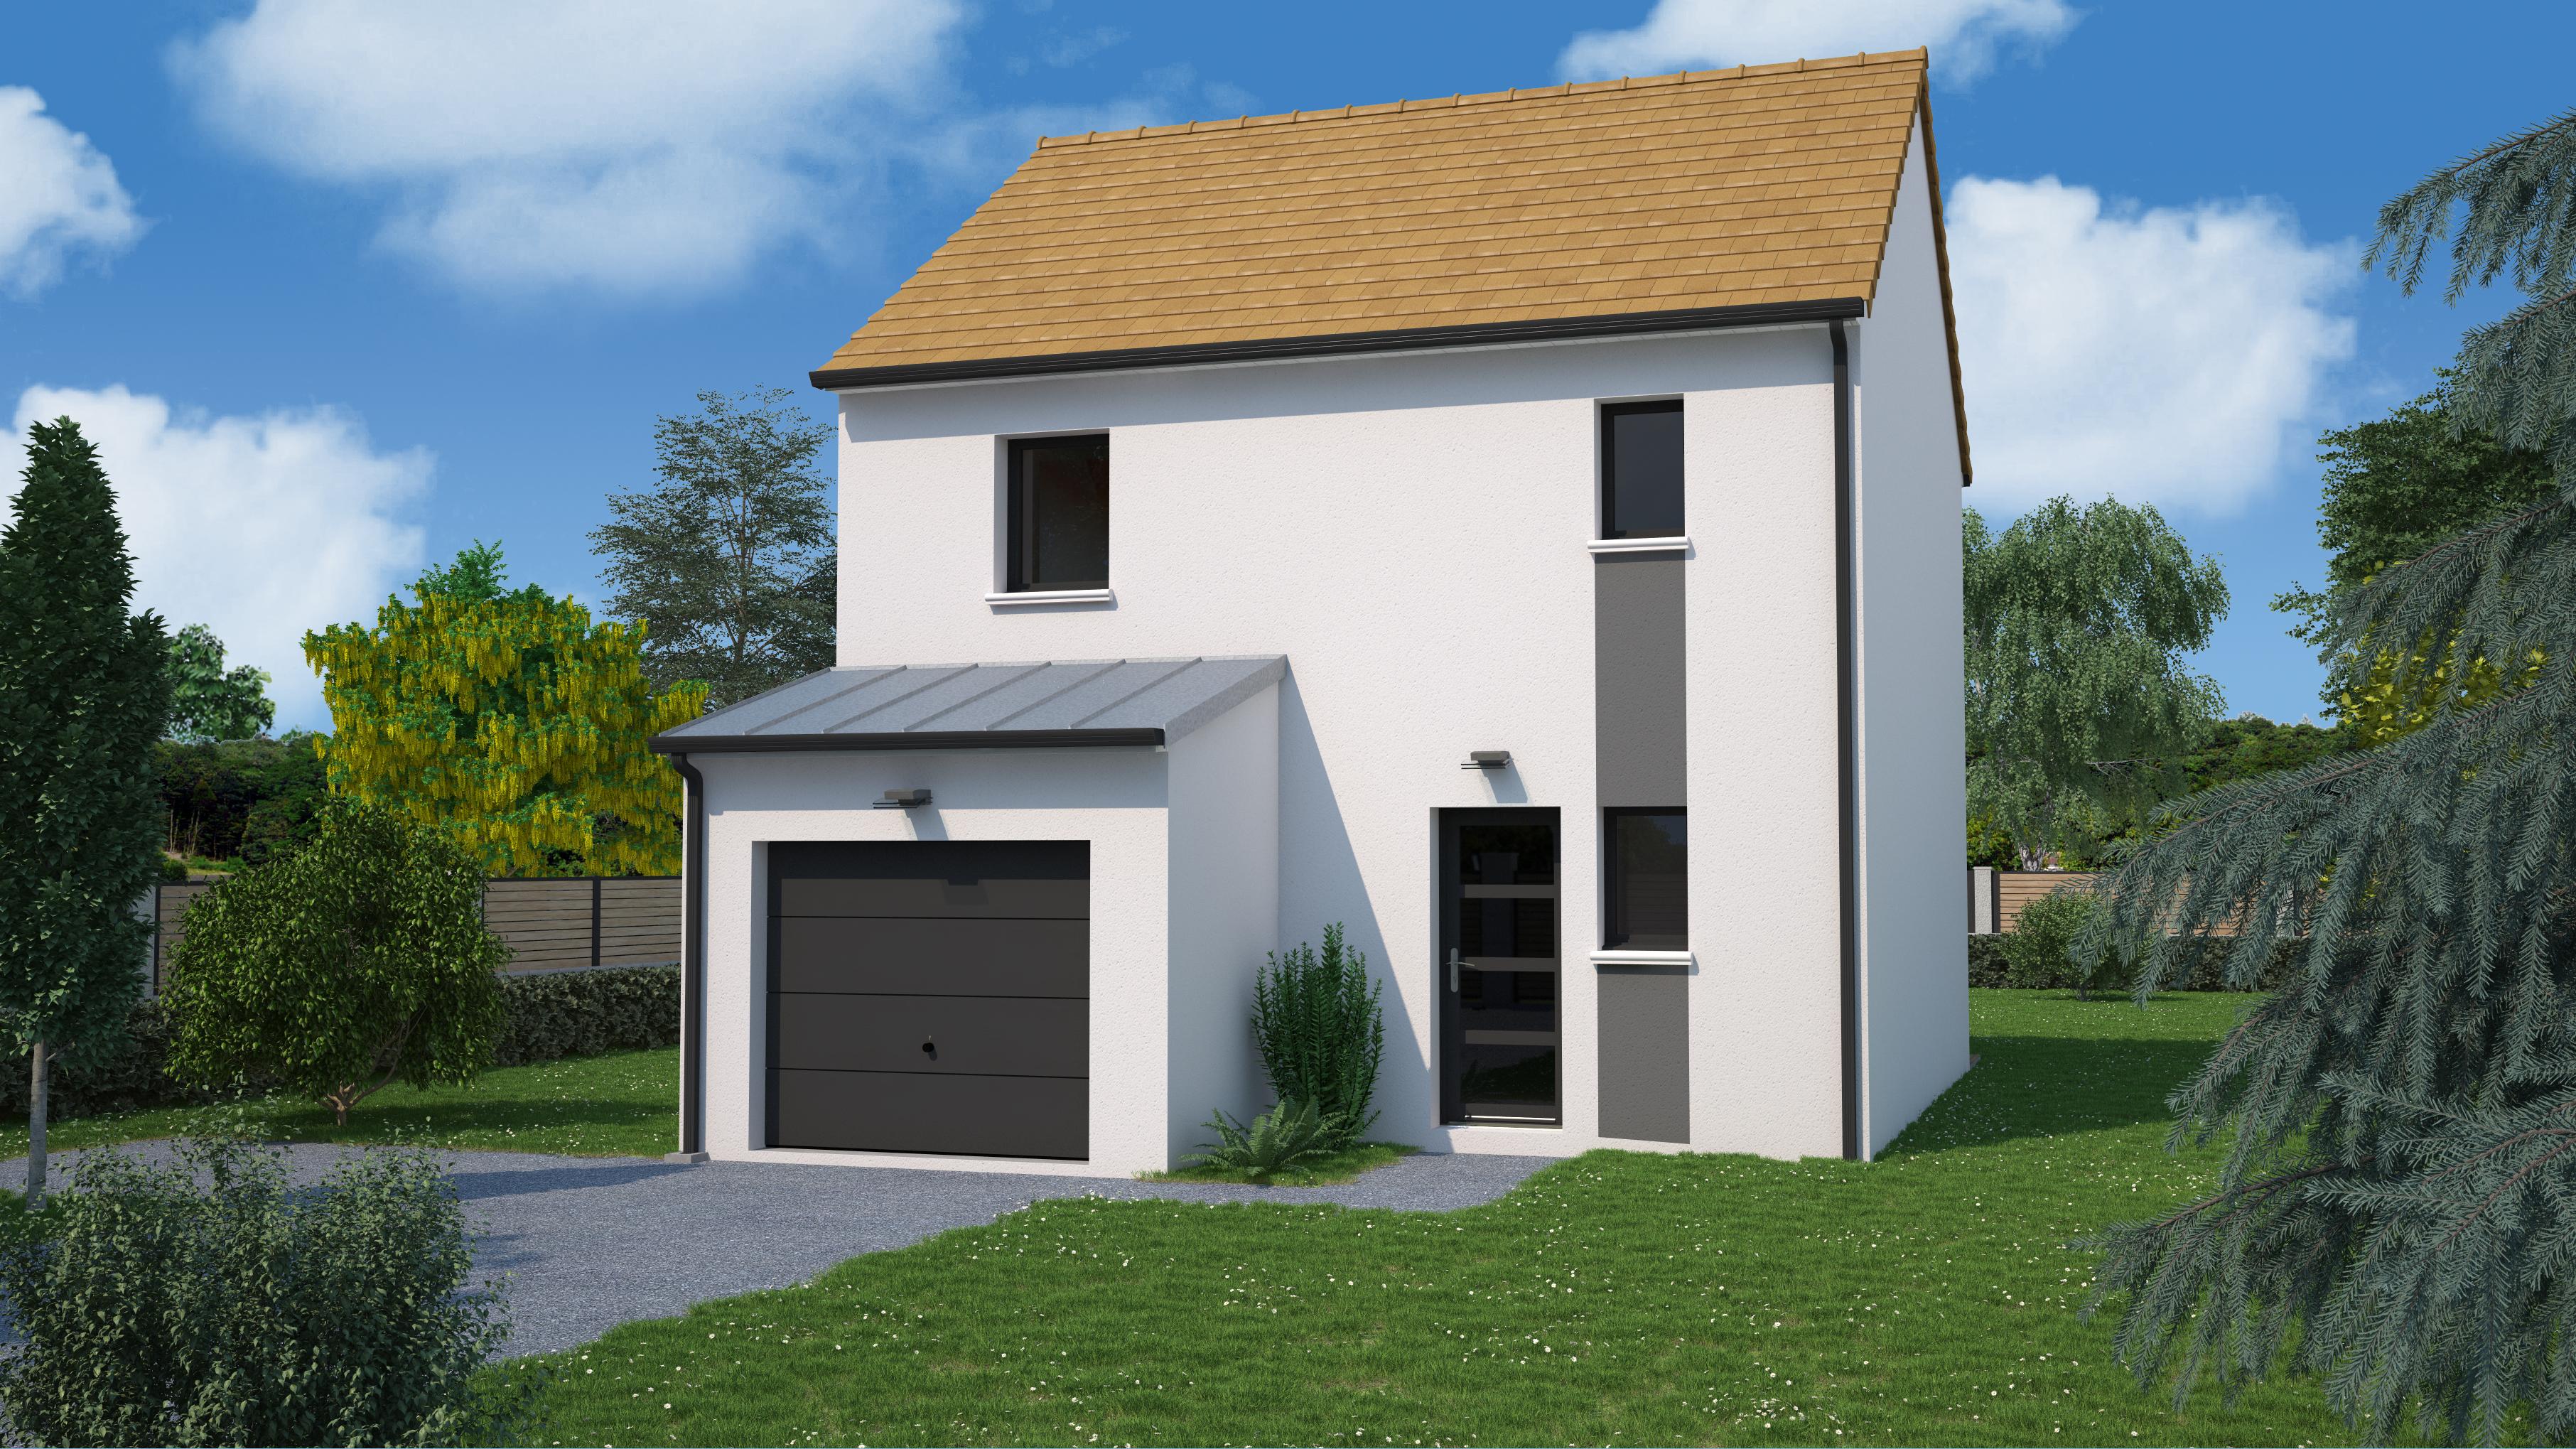 Maison à vendre à Belleneuve